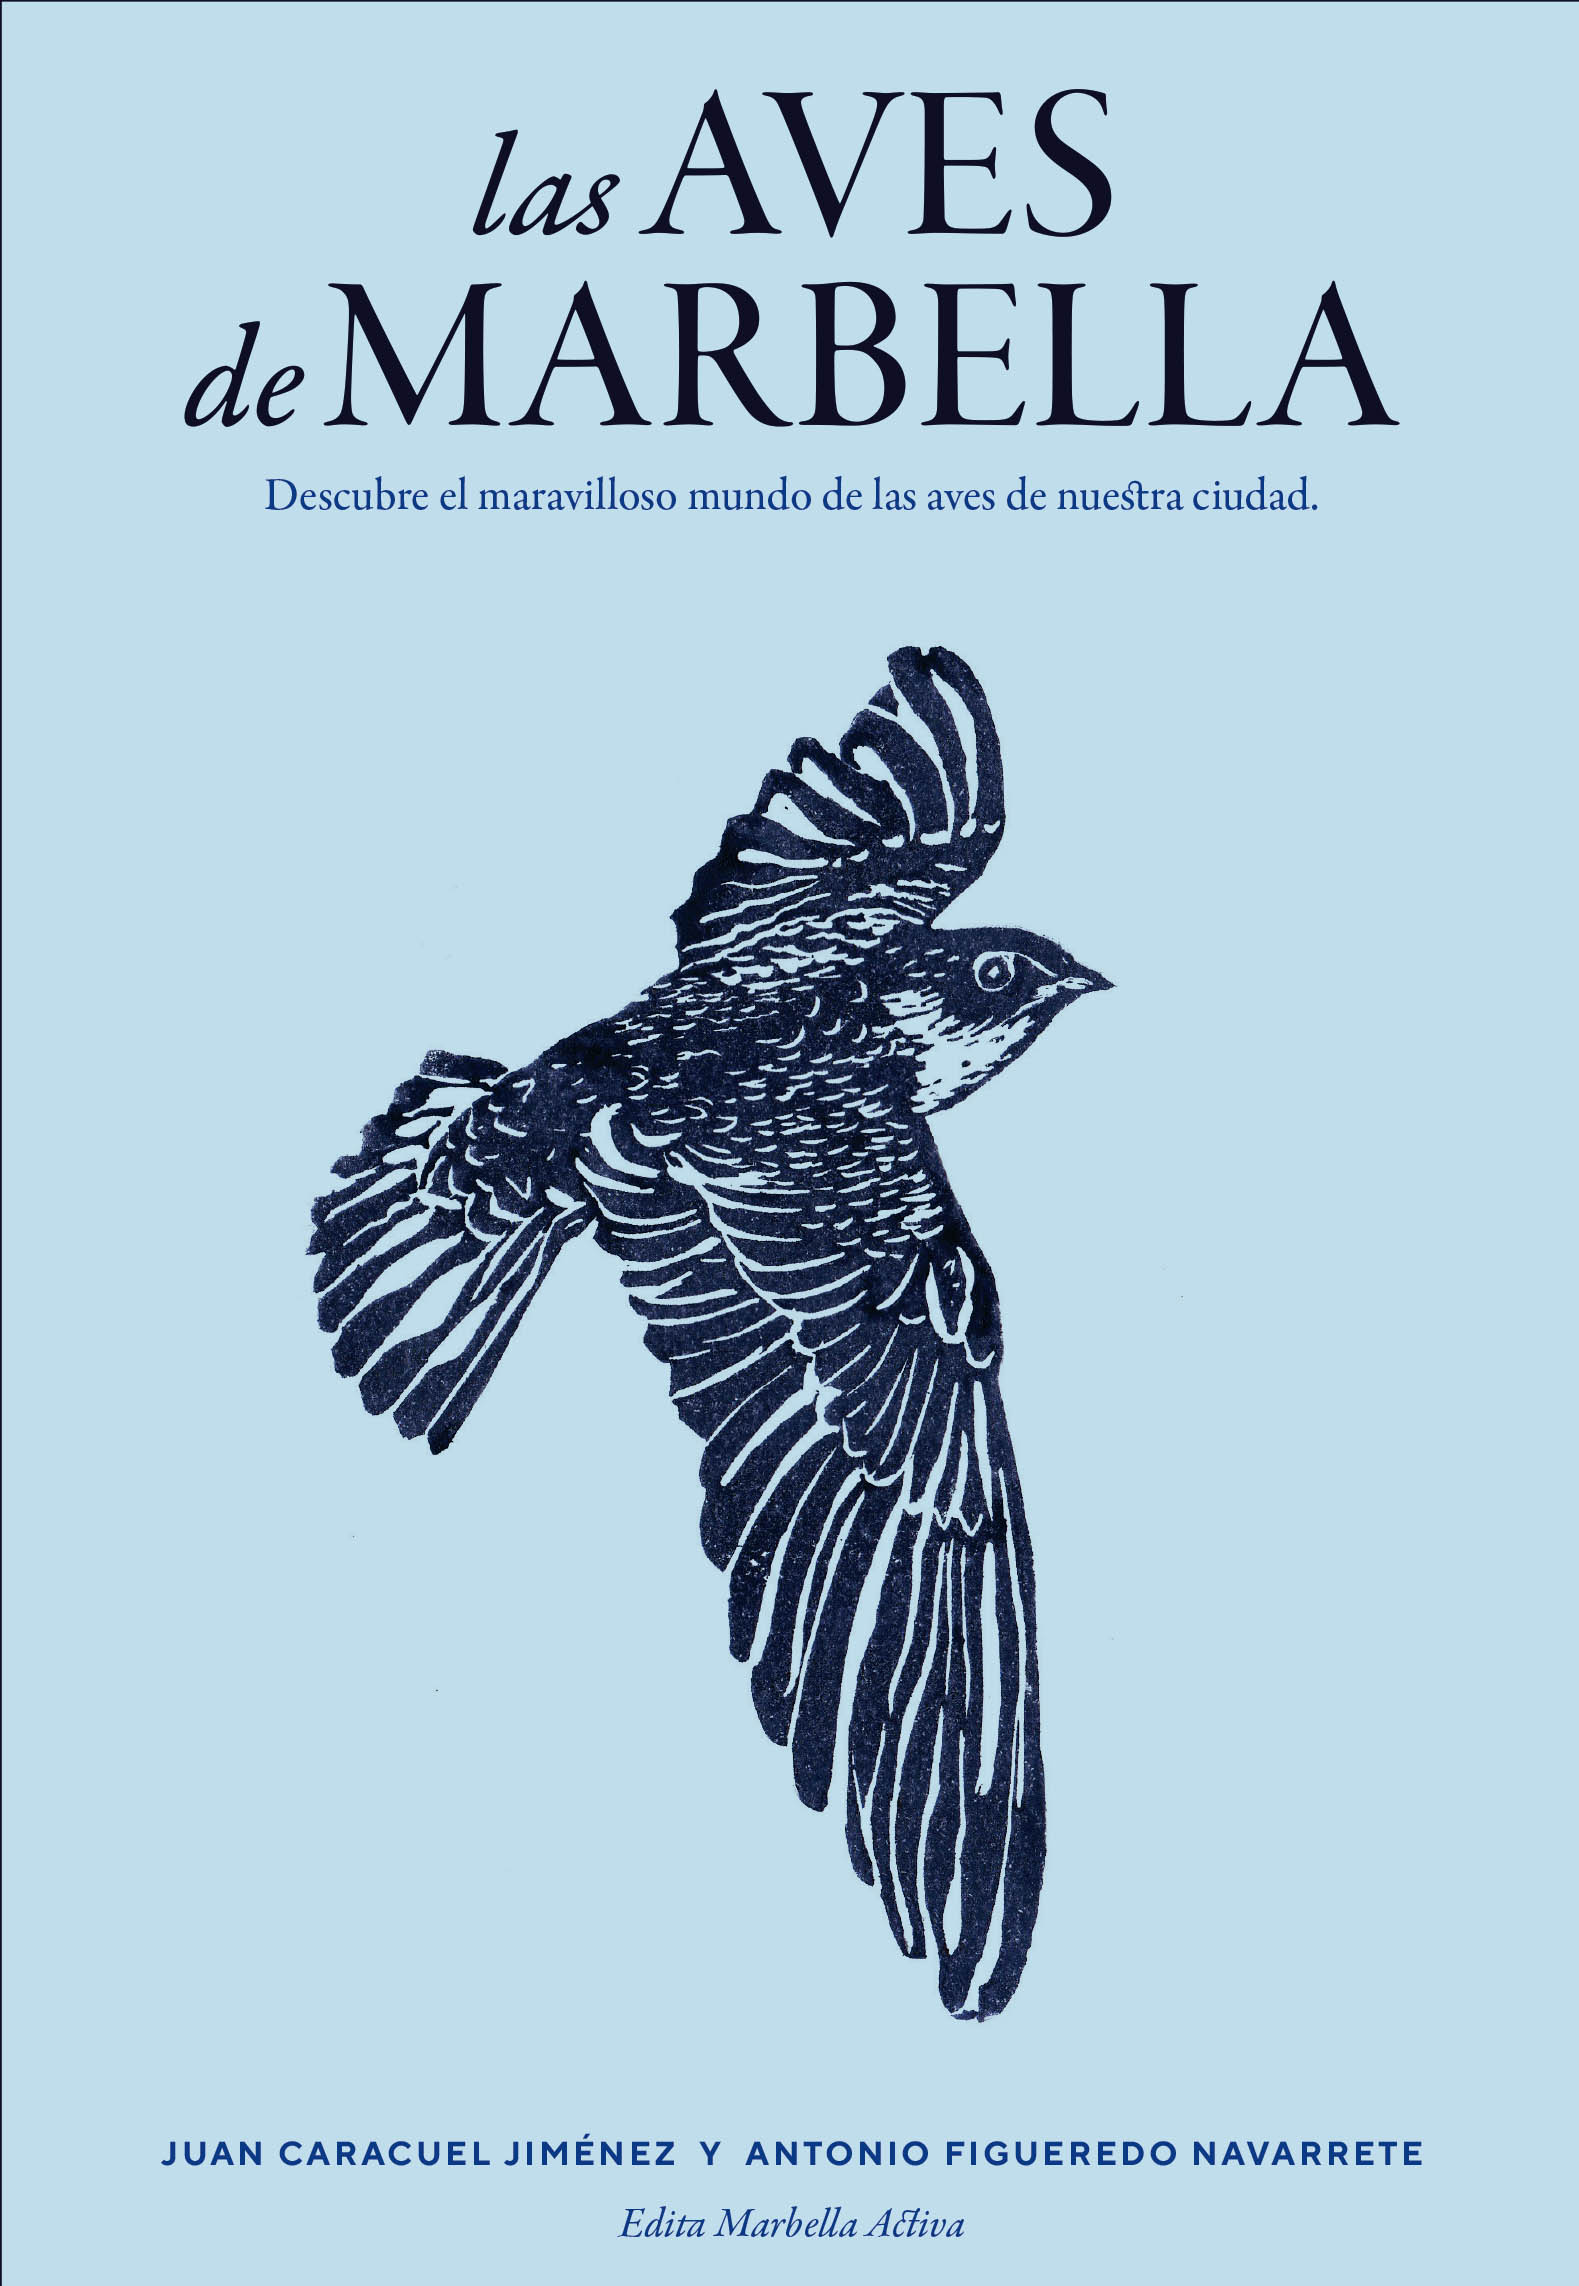 Las aves de Marbella